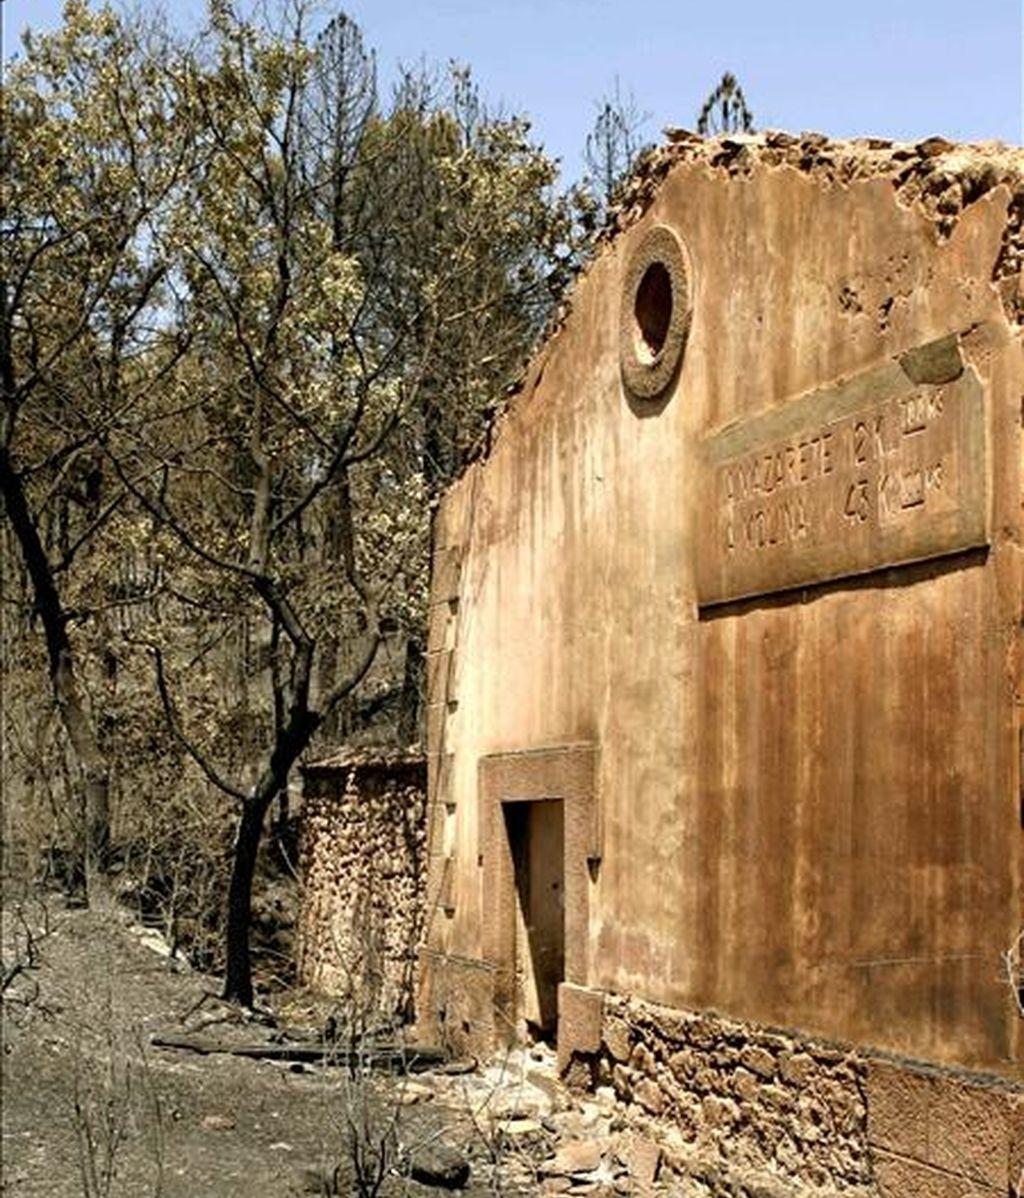 Imagen del estado del Parque Natural del Alto Tajo, lugar donde se originó el incendio que se cobró la vida de los once miembros del retén que fallecieron en las tareas de extinción del fuego en Riba de Saelices. EFE/Archivo